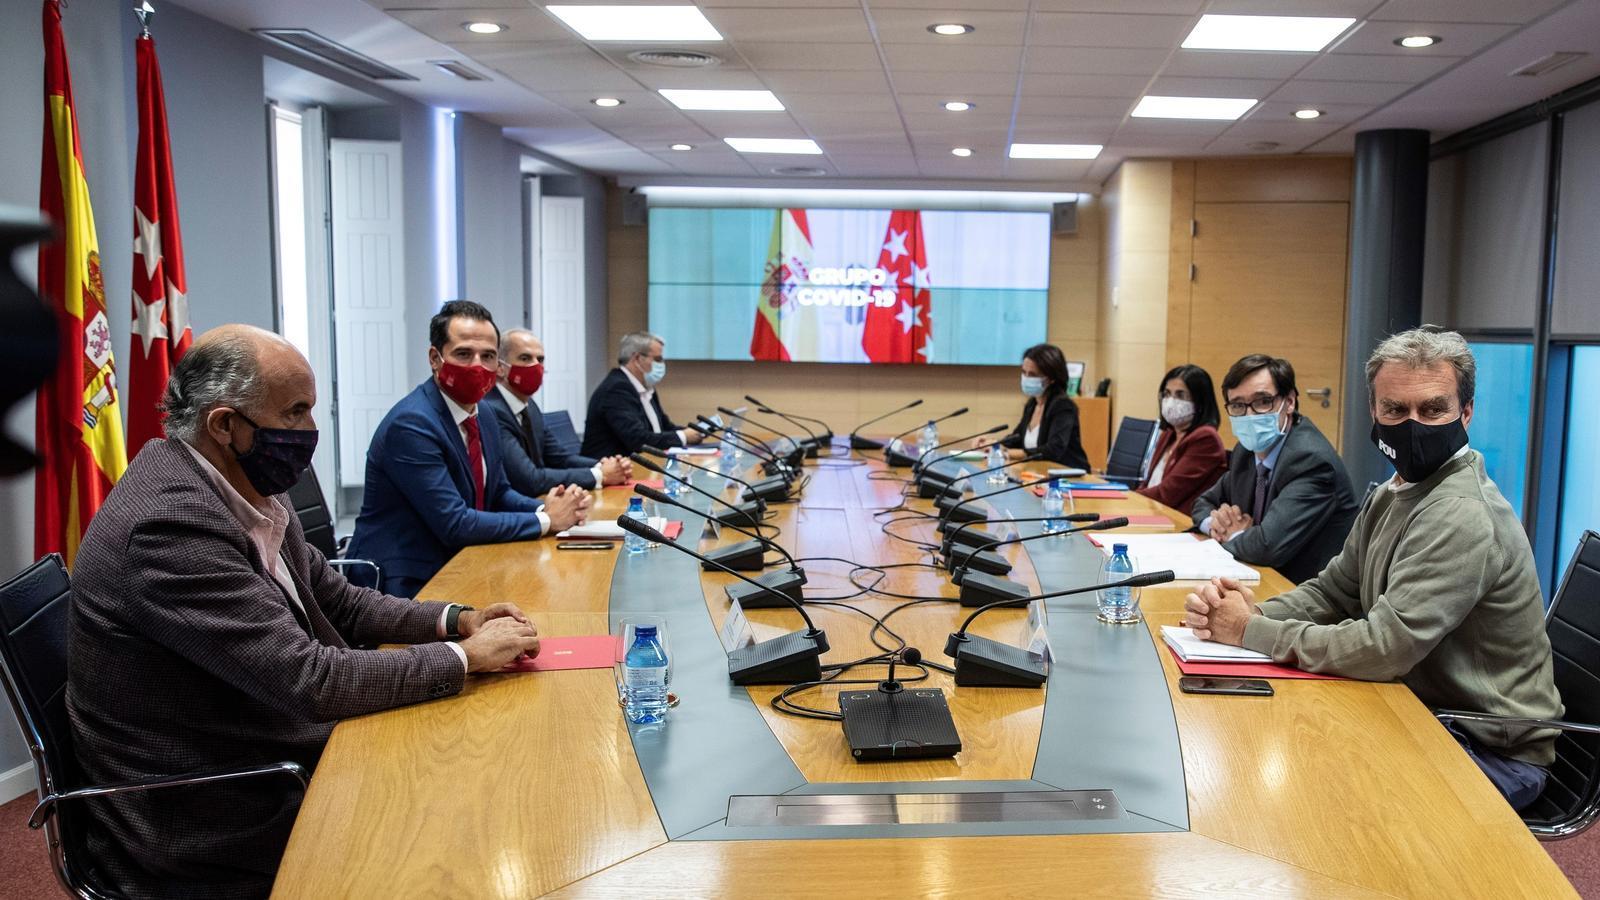 Reunió dels equips del govern espanyol i la Comunitat de Madrid per intentar desbloquejar el conflicte per aplicar noves restriccions a la capital espanyola.